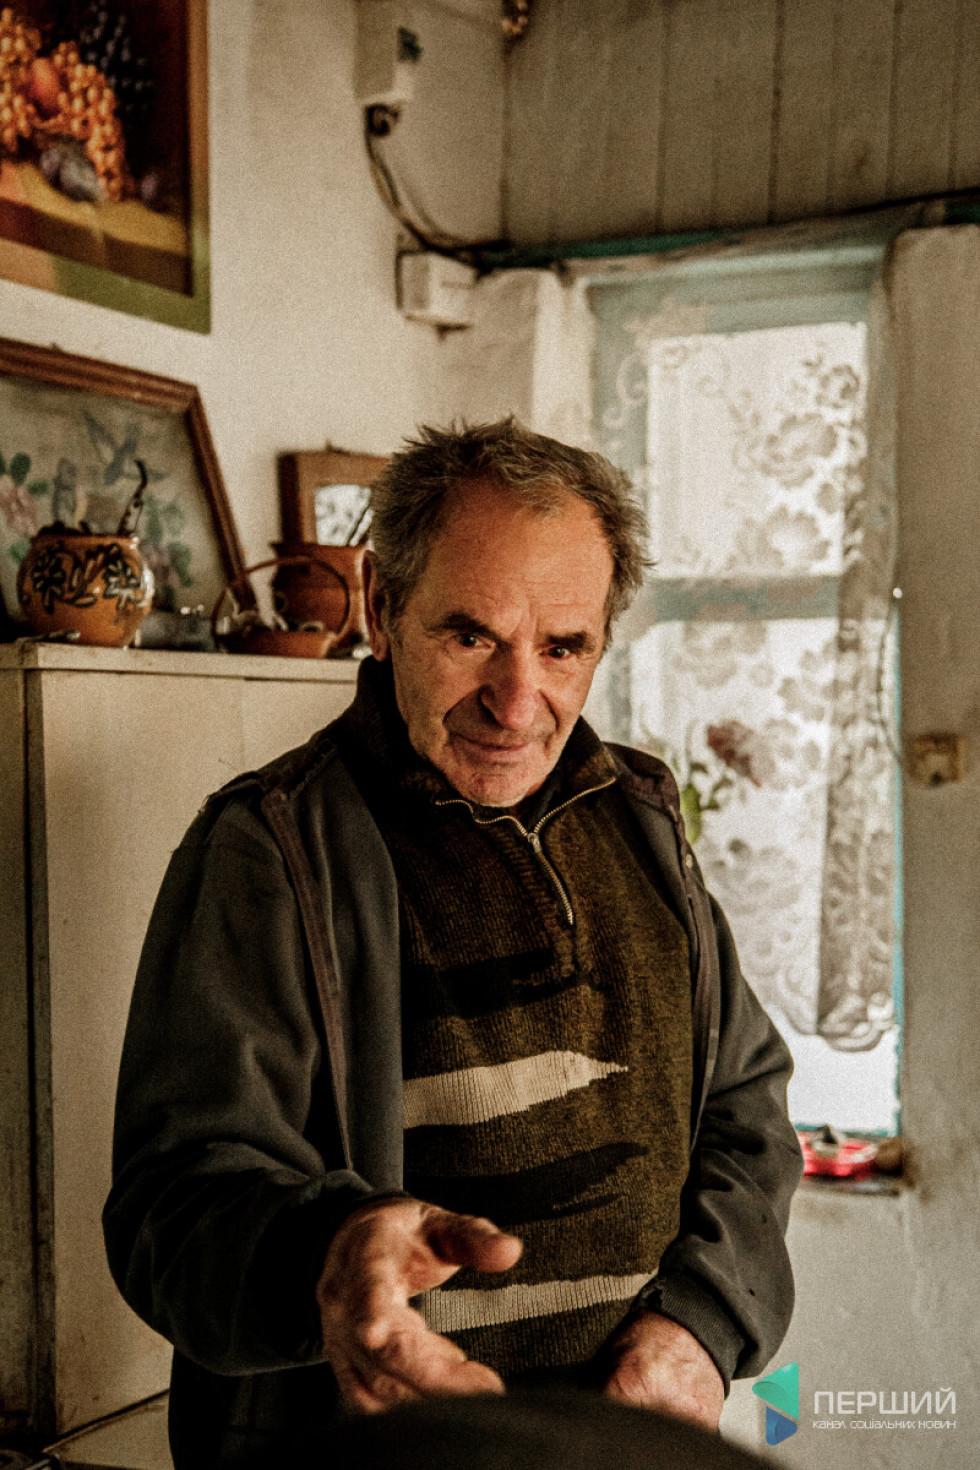 Йосип Зламанець - один із тих, кого конфлікт 43-44 років лишив без мами, та й без батька...